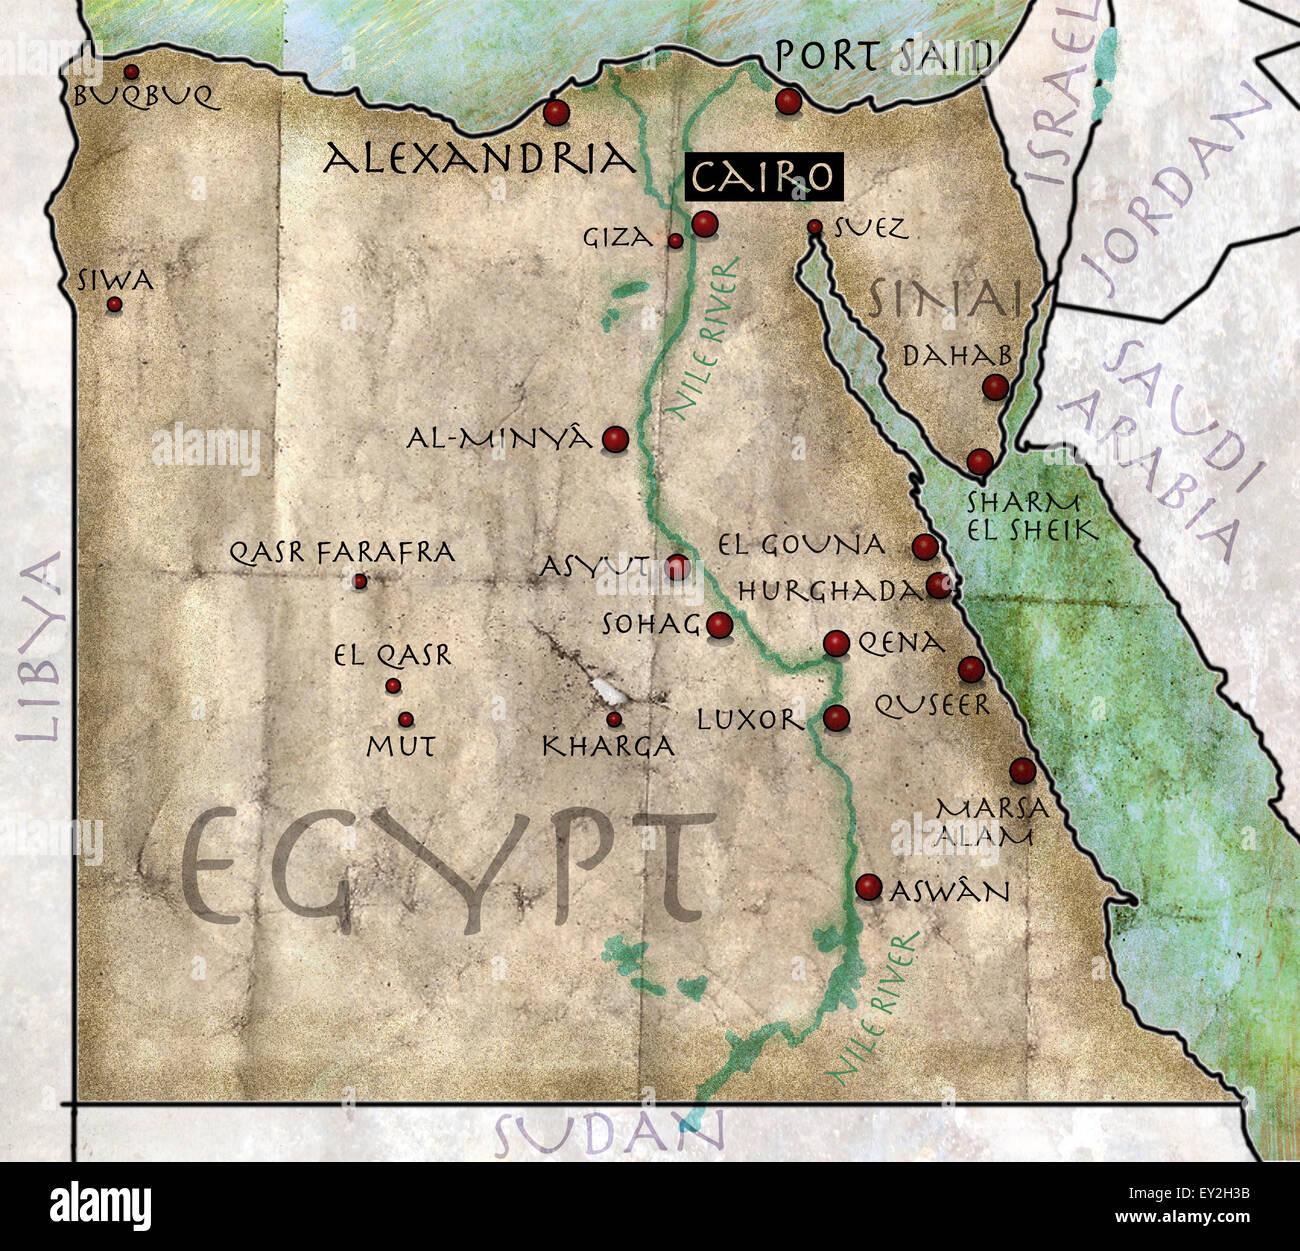 Egypt Sinai Peninsula Map Stock Photos & Egypt Sinai ...